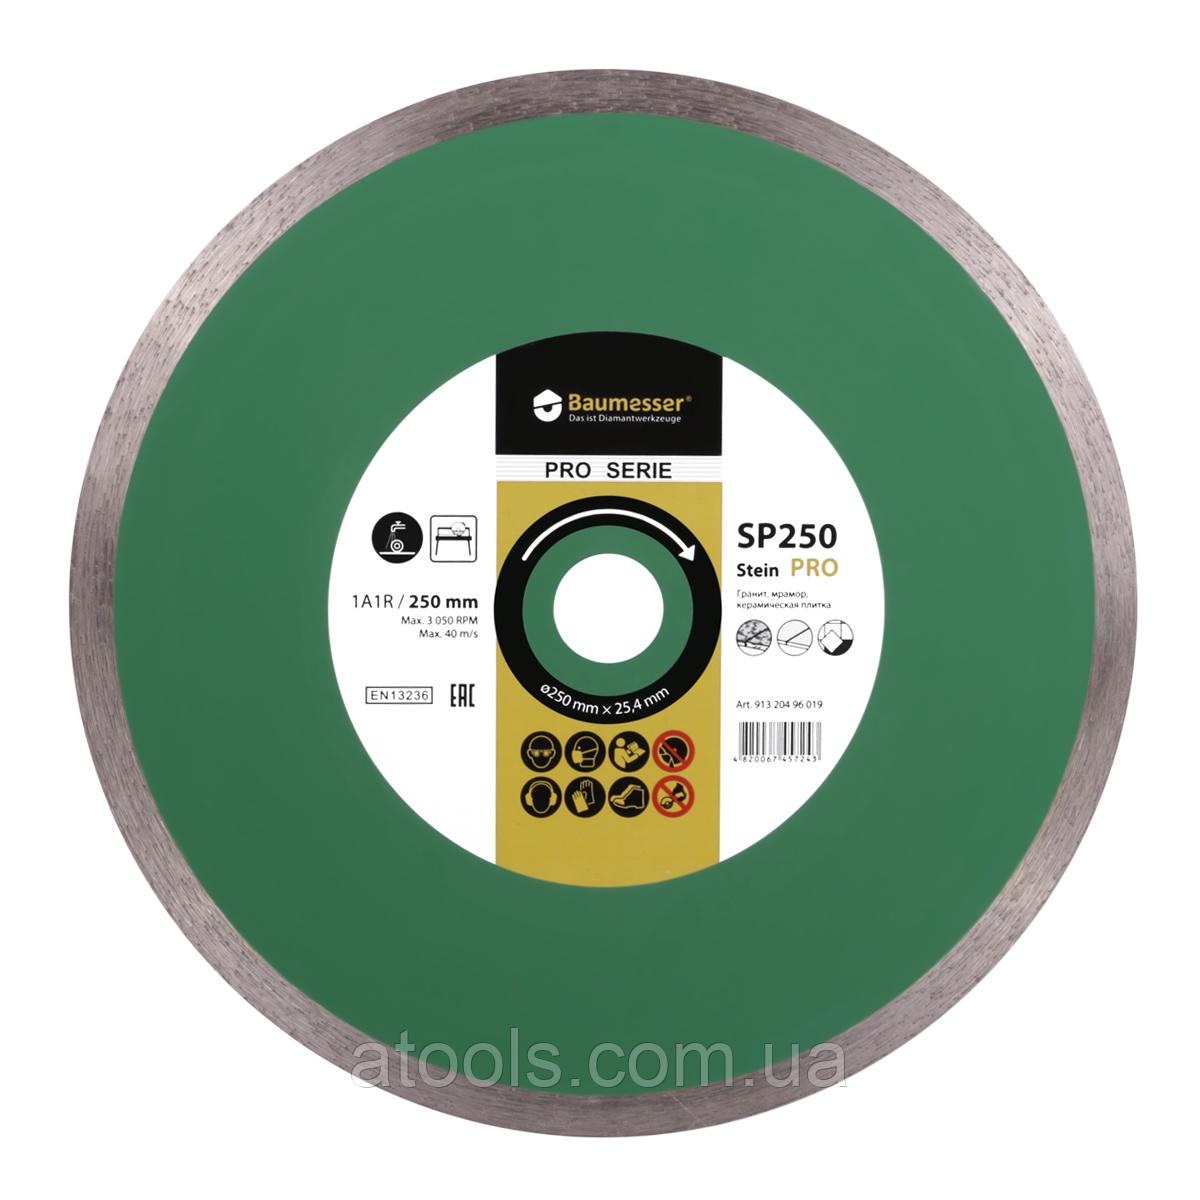 Алмазный отрезной диск Baumesser Stein Pro 1A1R 250x1,8x10x25,4 (91320496019)